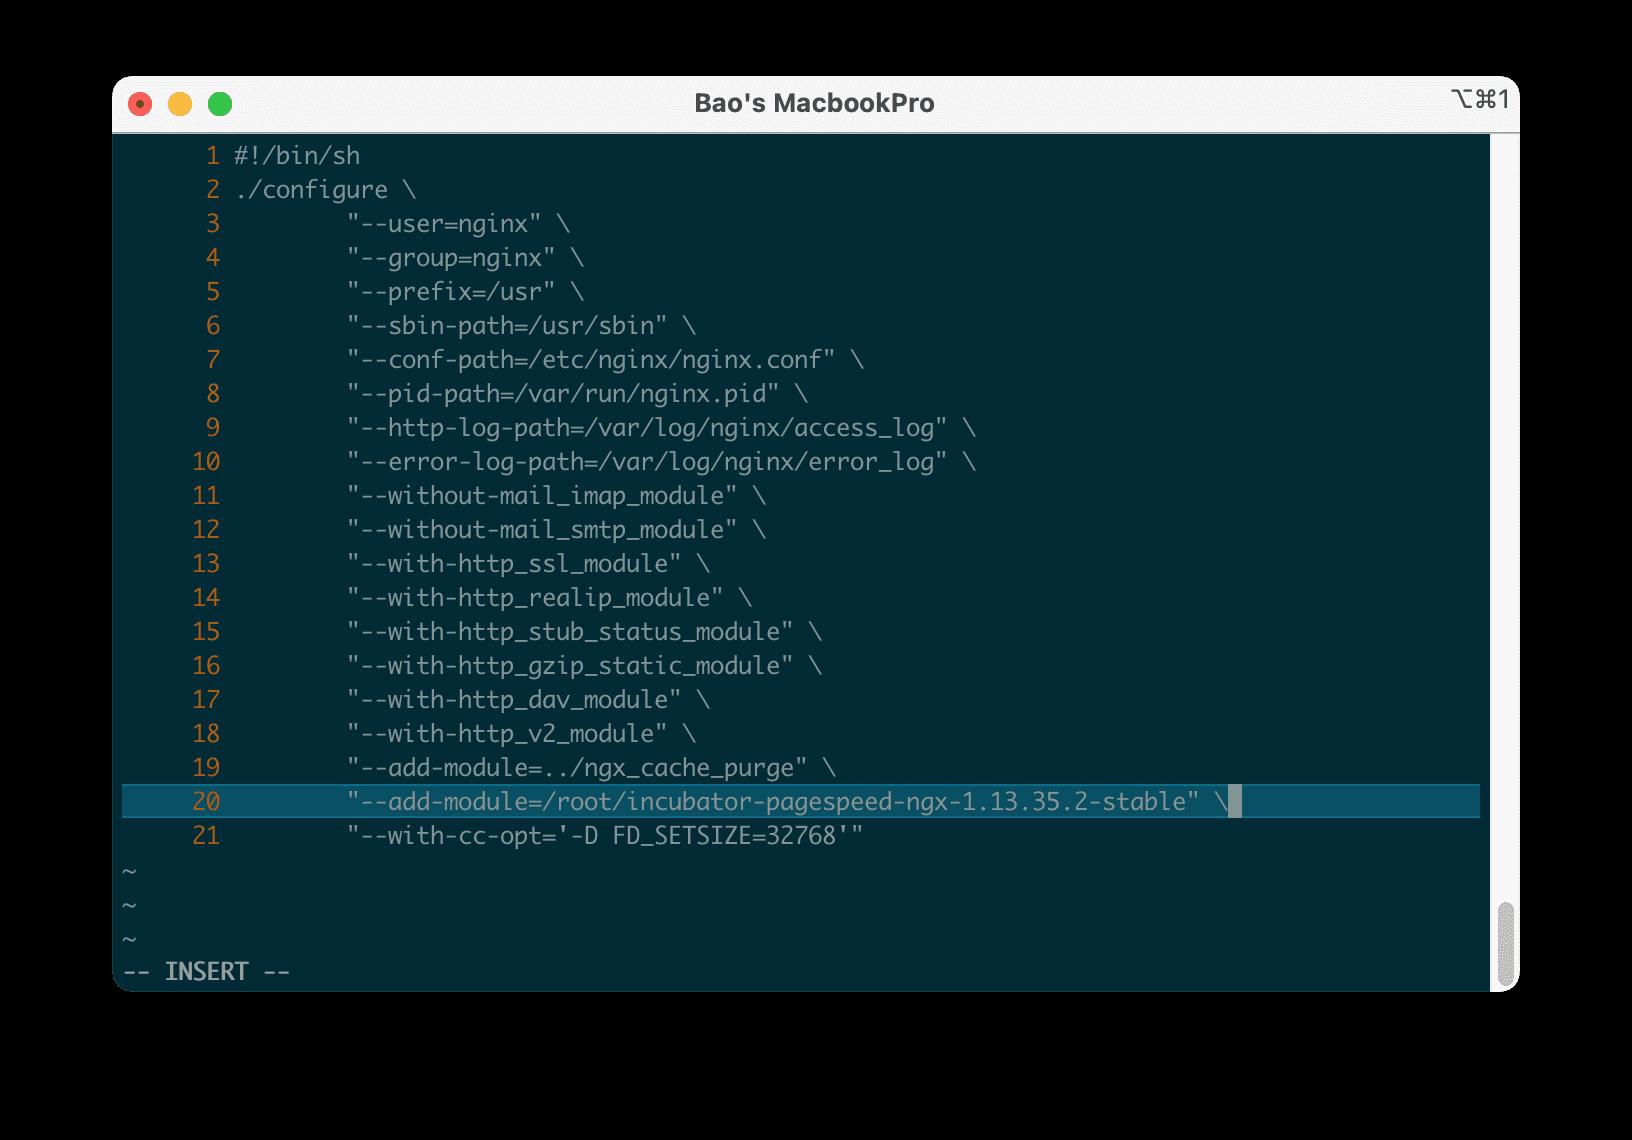 Cài đặt mod_pagespeed vào Nginx trên DirectAdmin